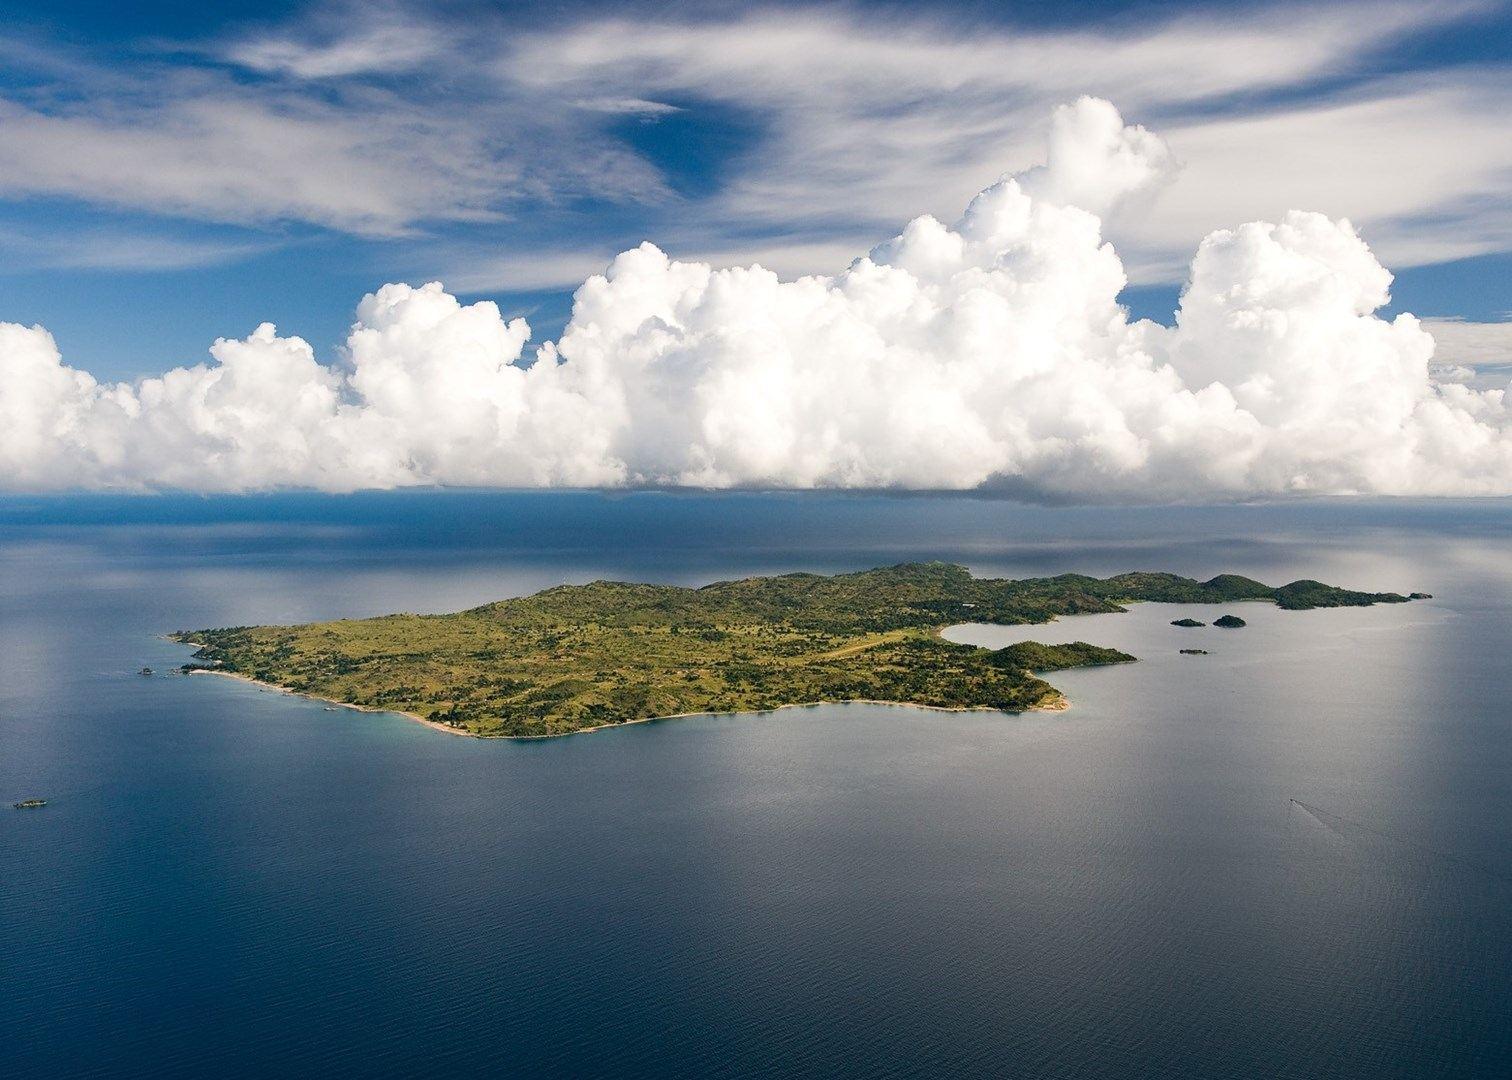 Malawi, Likoma Island